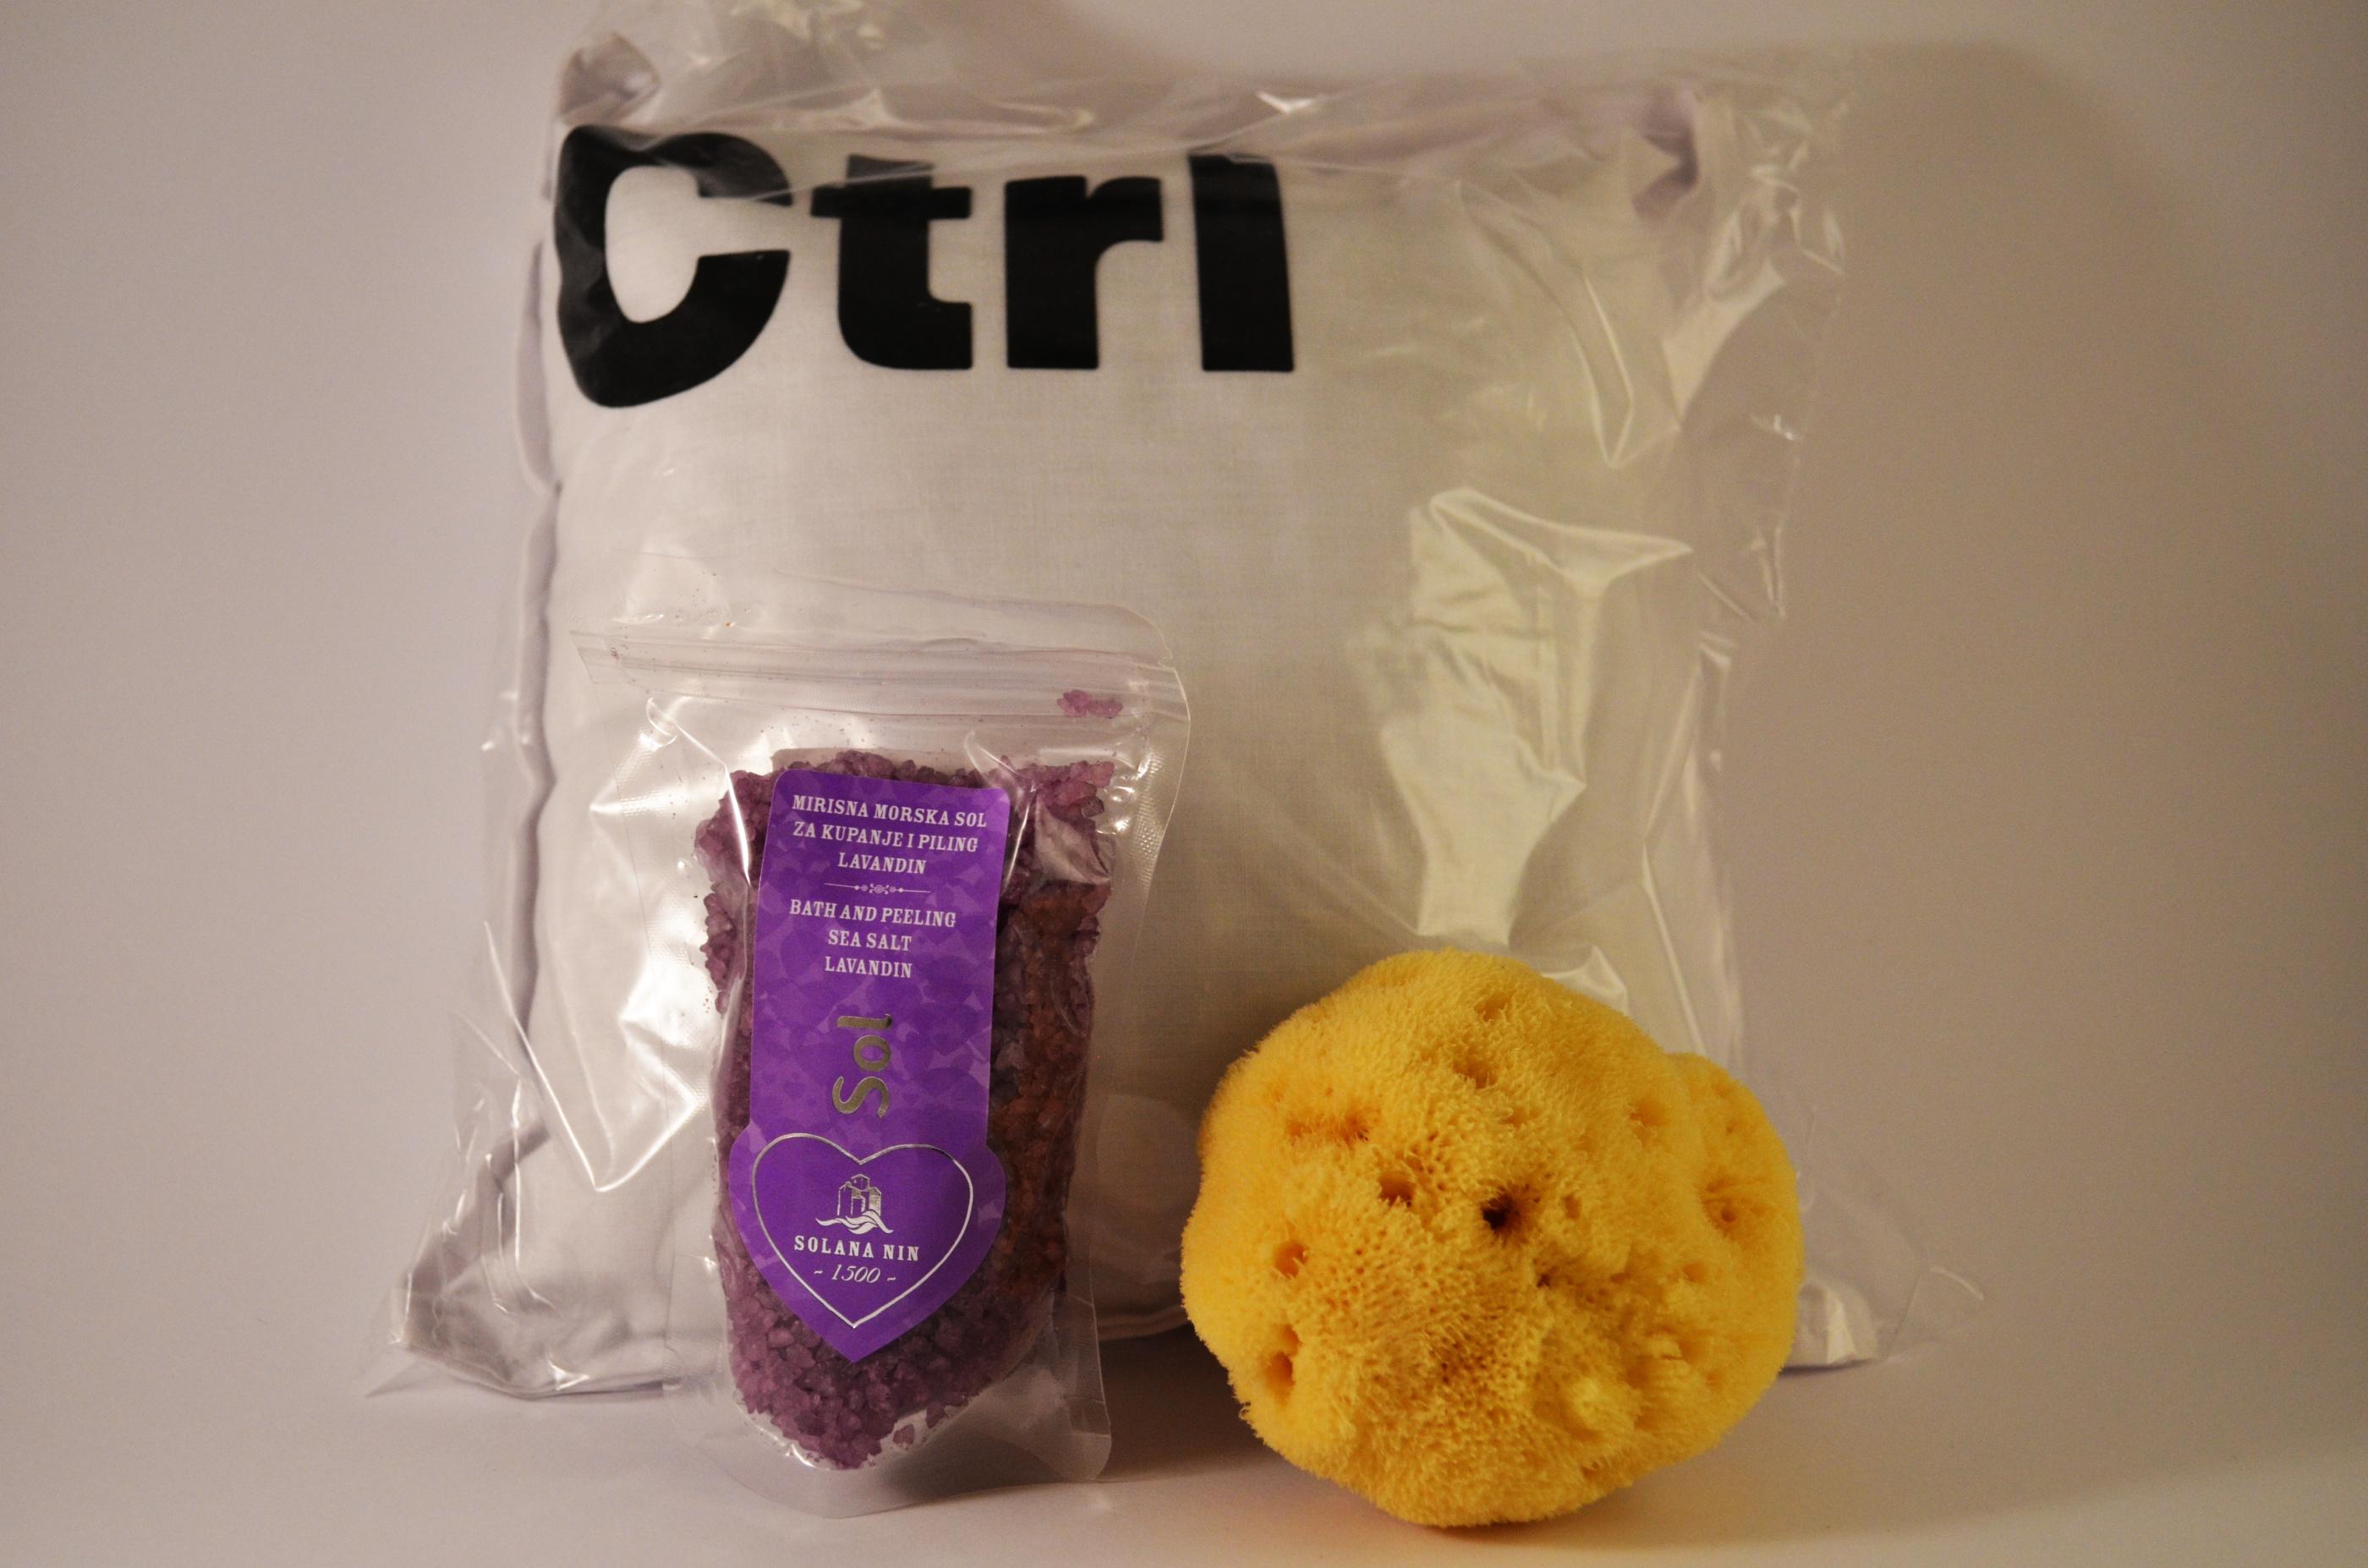 doftkudde lavendel CTRL - badsalt lavendel - duschsvamp